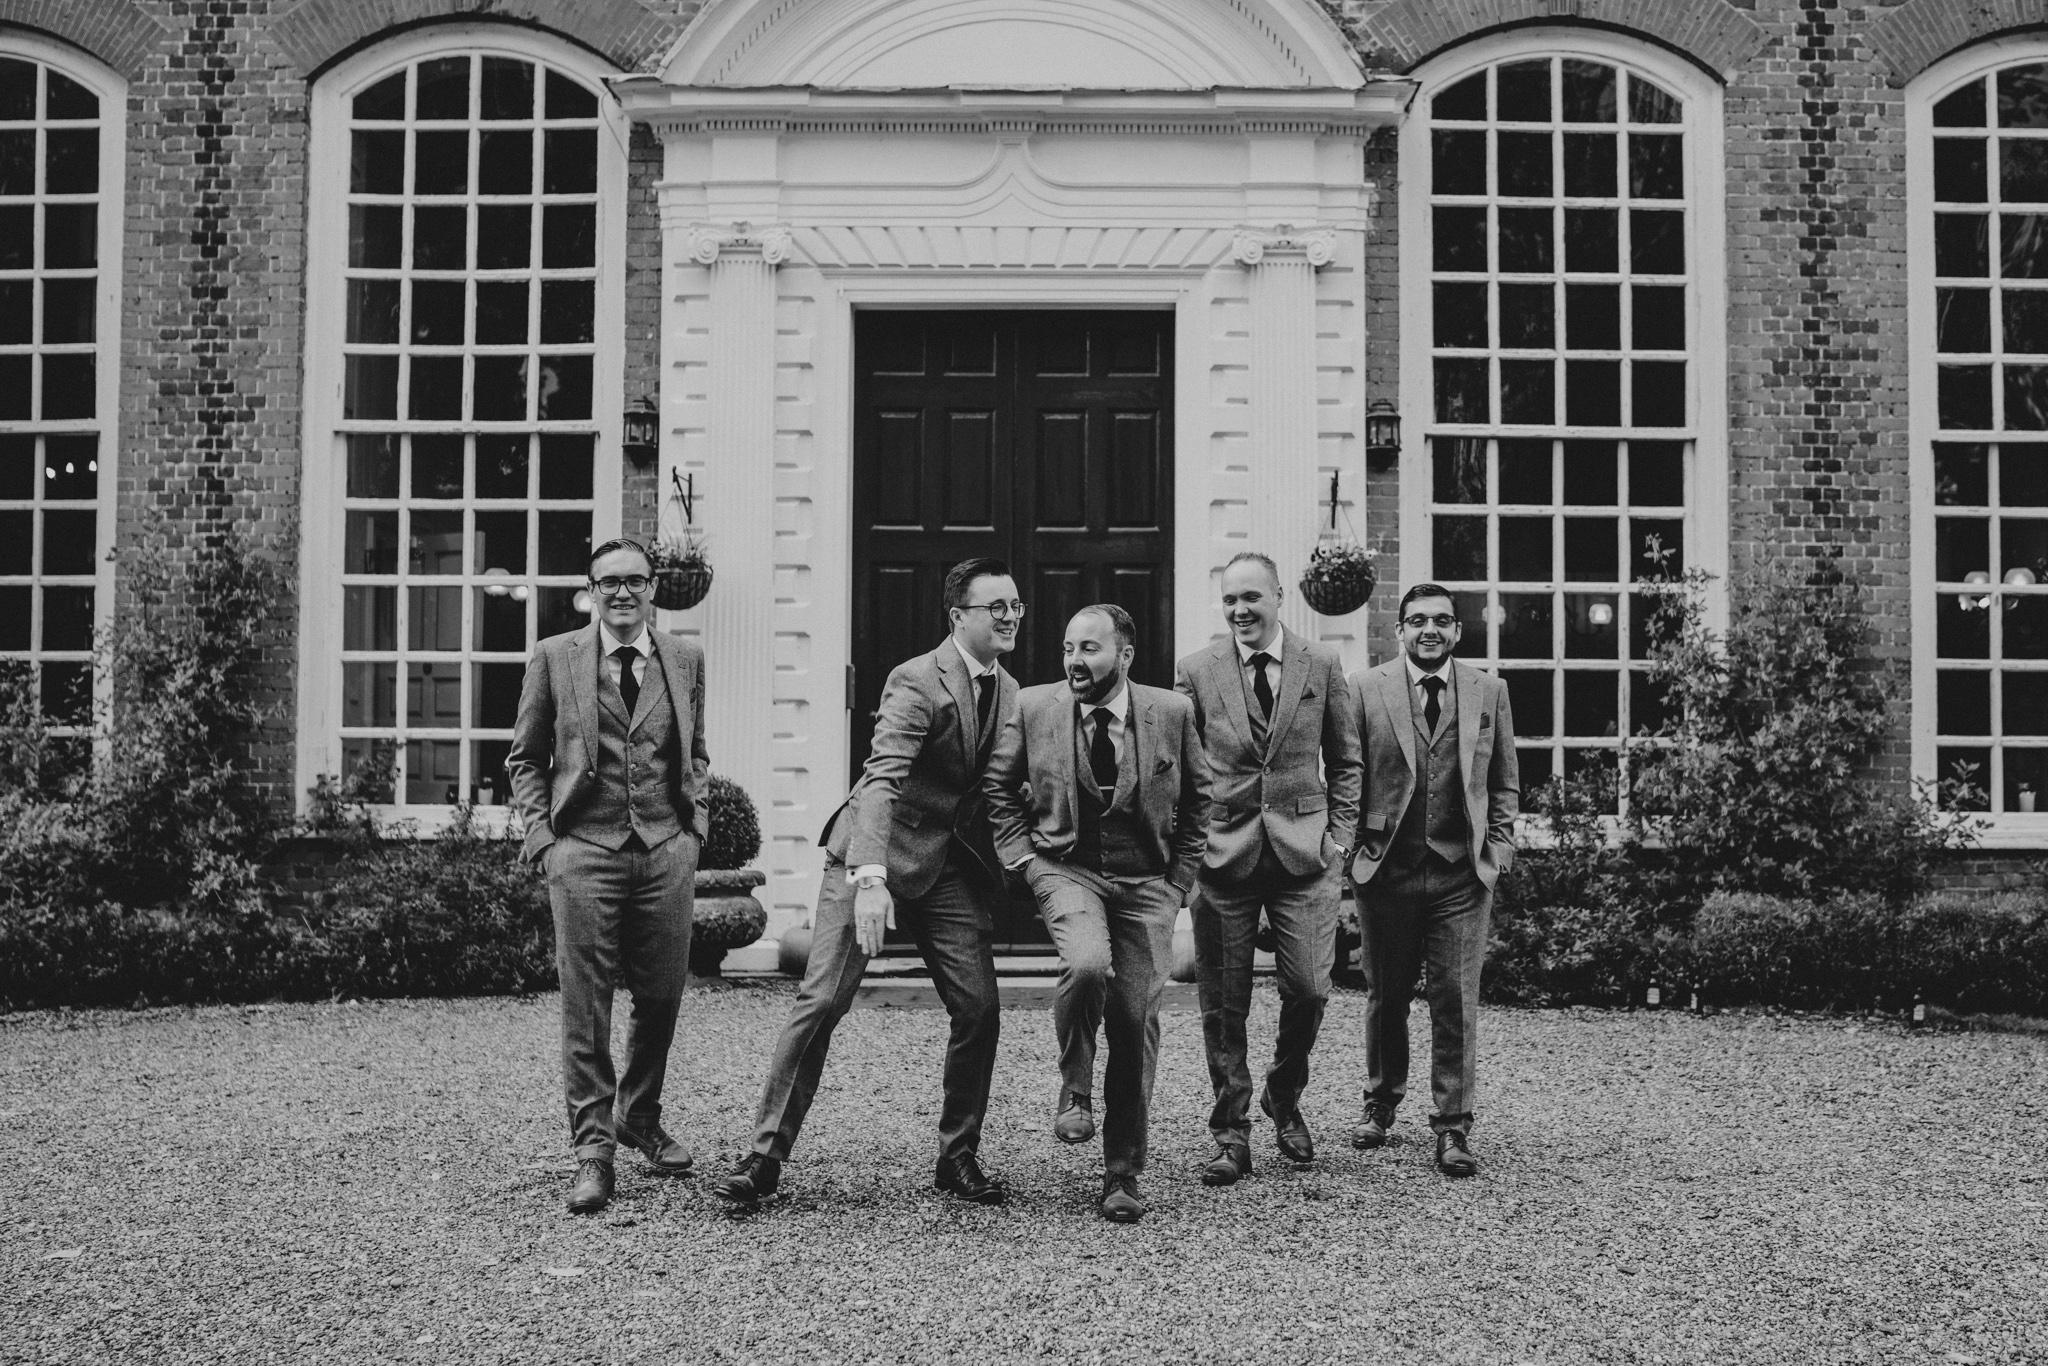 chara-neil-gosfield-hall-wedding-grace-elizabeth-colchester-essex-alternative-wedding-photographer-essex-devon-suffolk-norfolk (13 of 50).jpg